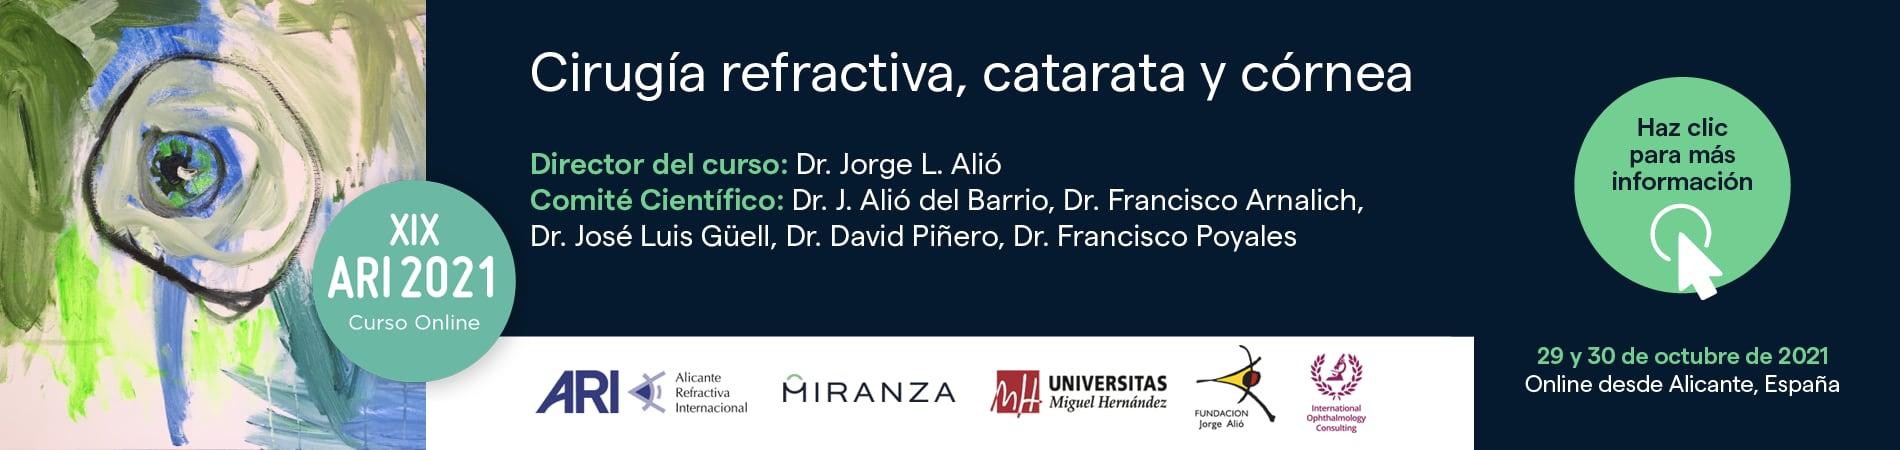 Curso online Alicante